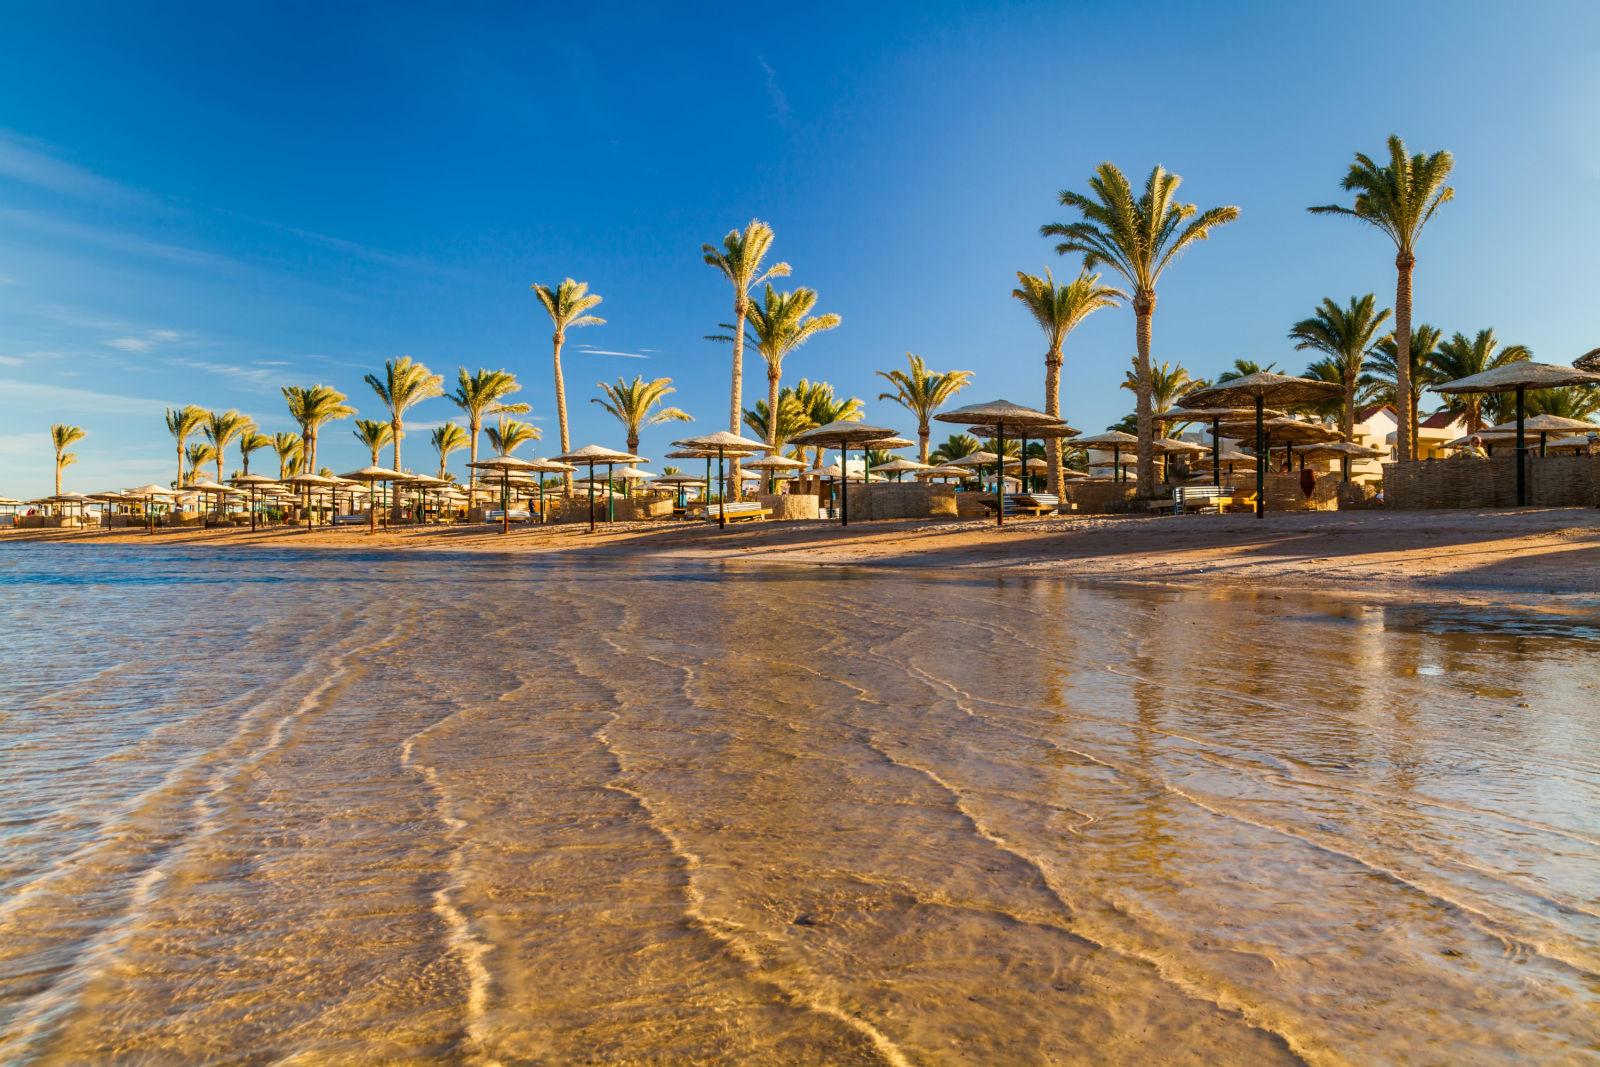 Africa, Egypt, Hurghada